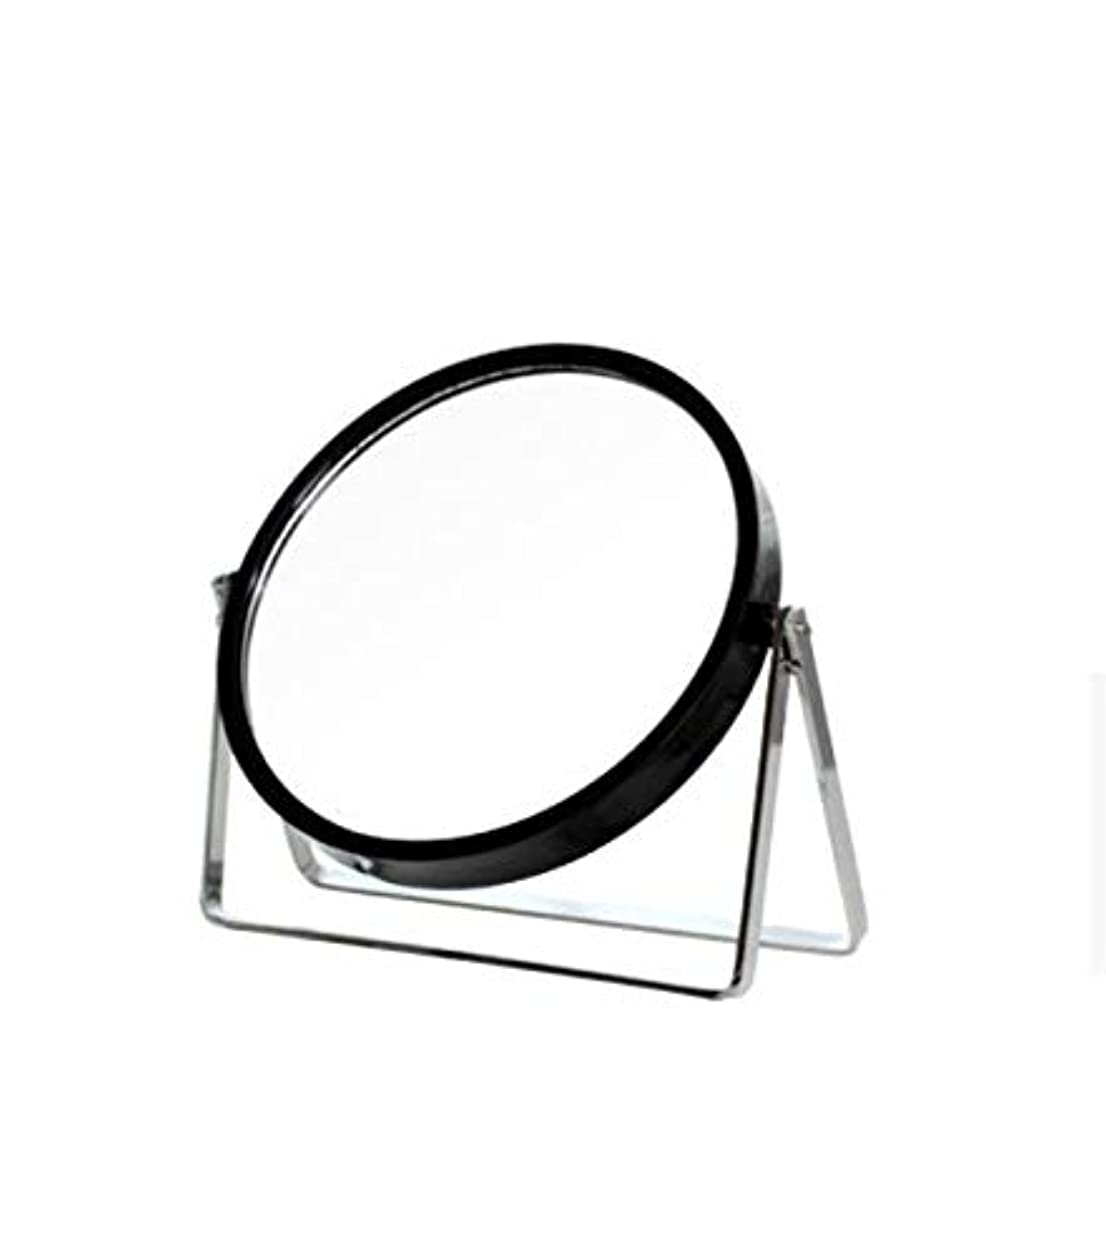 失うカラス王室化粧鏡、シンプルなラウンドホーム寮デスクトップ化粧鏡化粧ギフト (Color : ブラック)